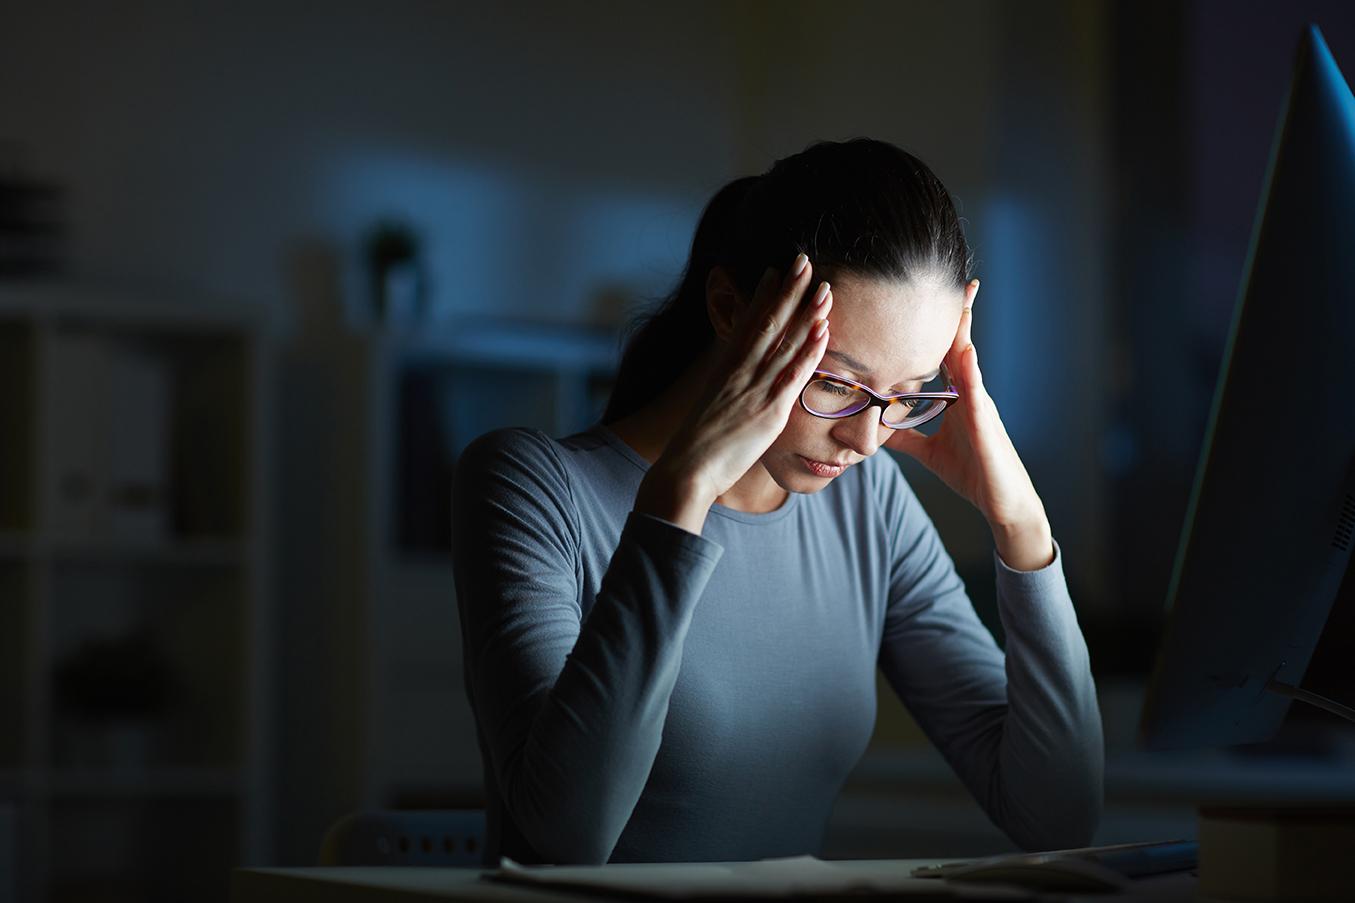 Acompañamiento y guía en momentos críticos o de estrés